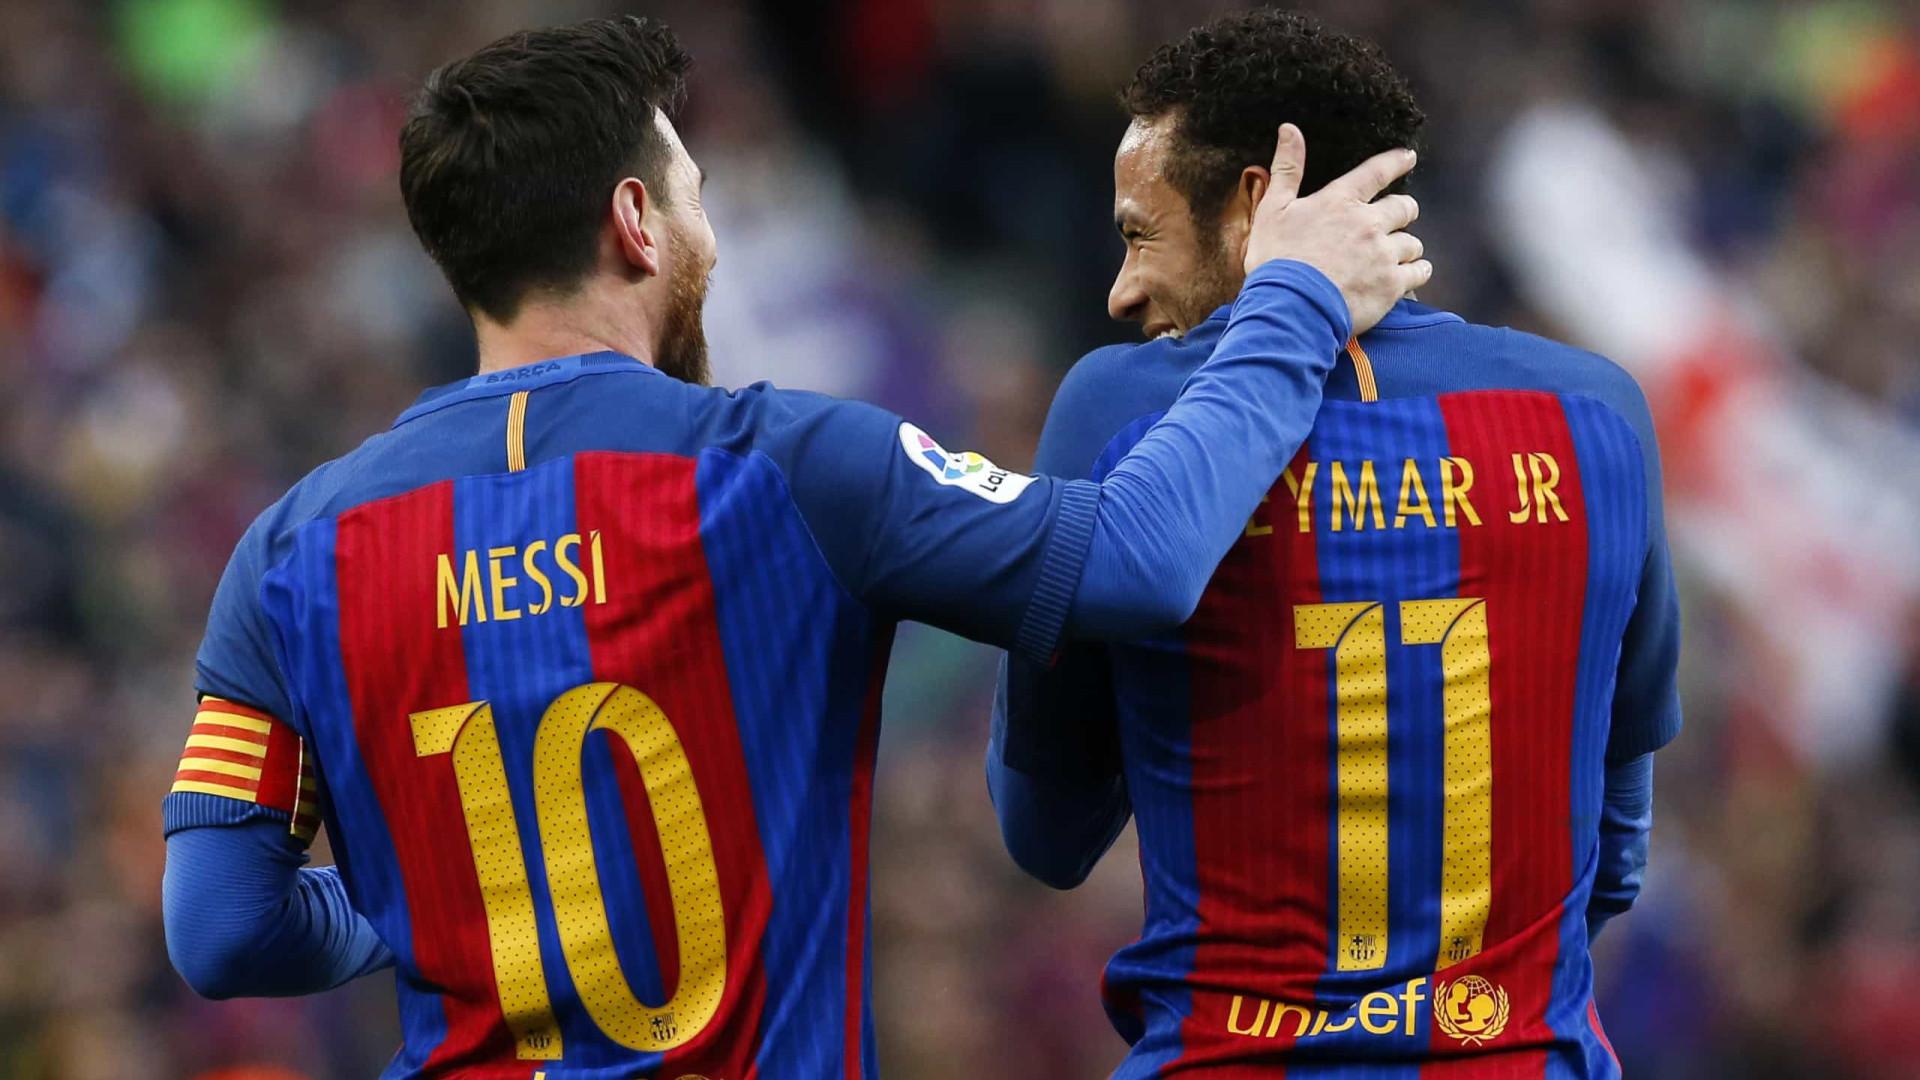 O grande sonho de Ronaldinho: ver Messi e Neymar novamente juntos